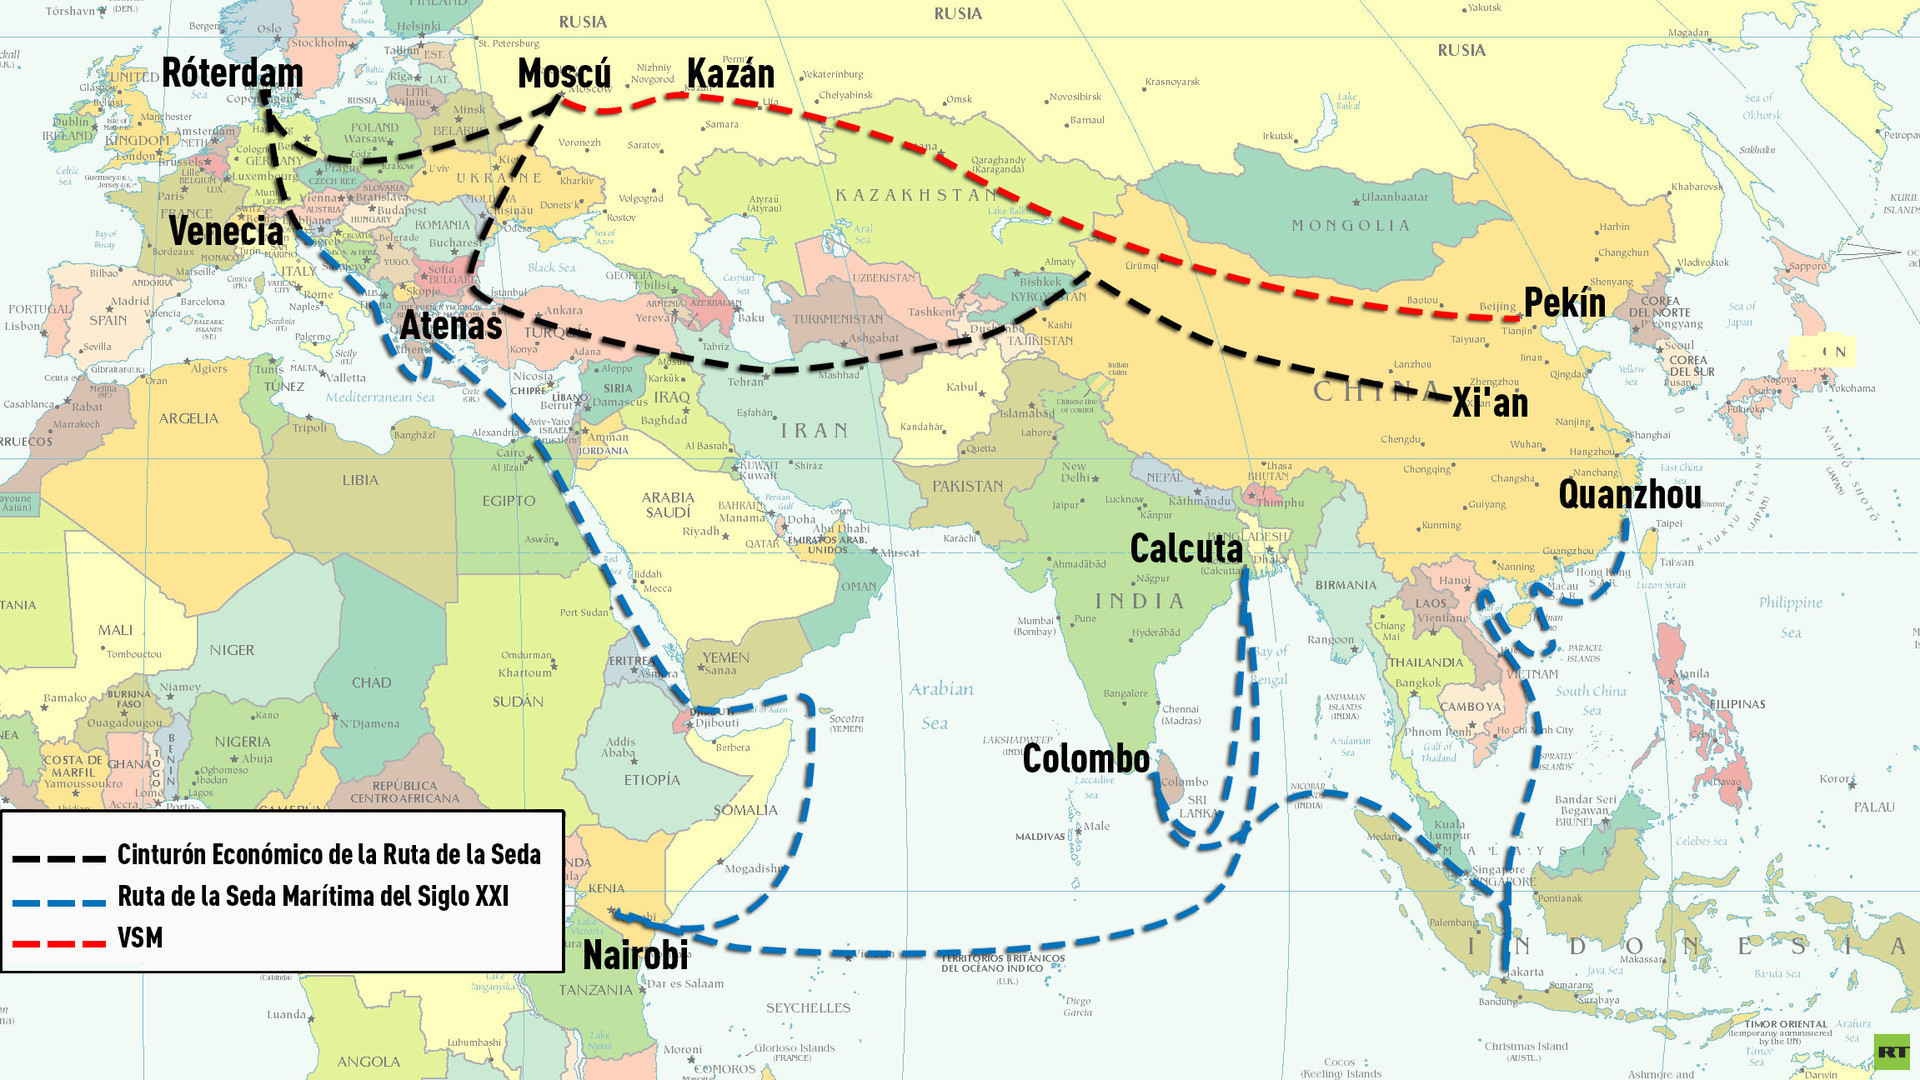 """La Dispersión De Cercano Oriente Al Mundo Ii 1: """"China Construye El Imperio Comercial Global Más Extenso"""